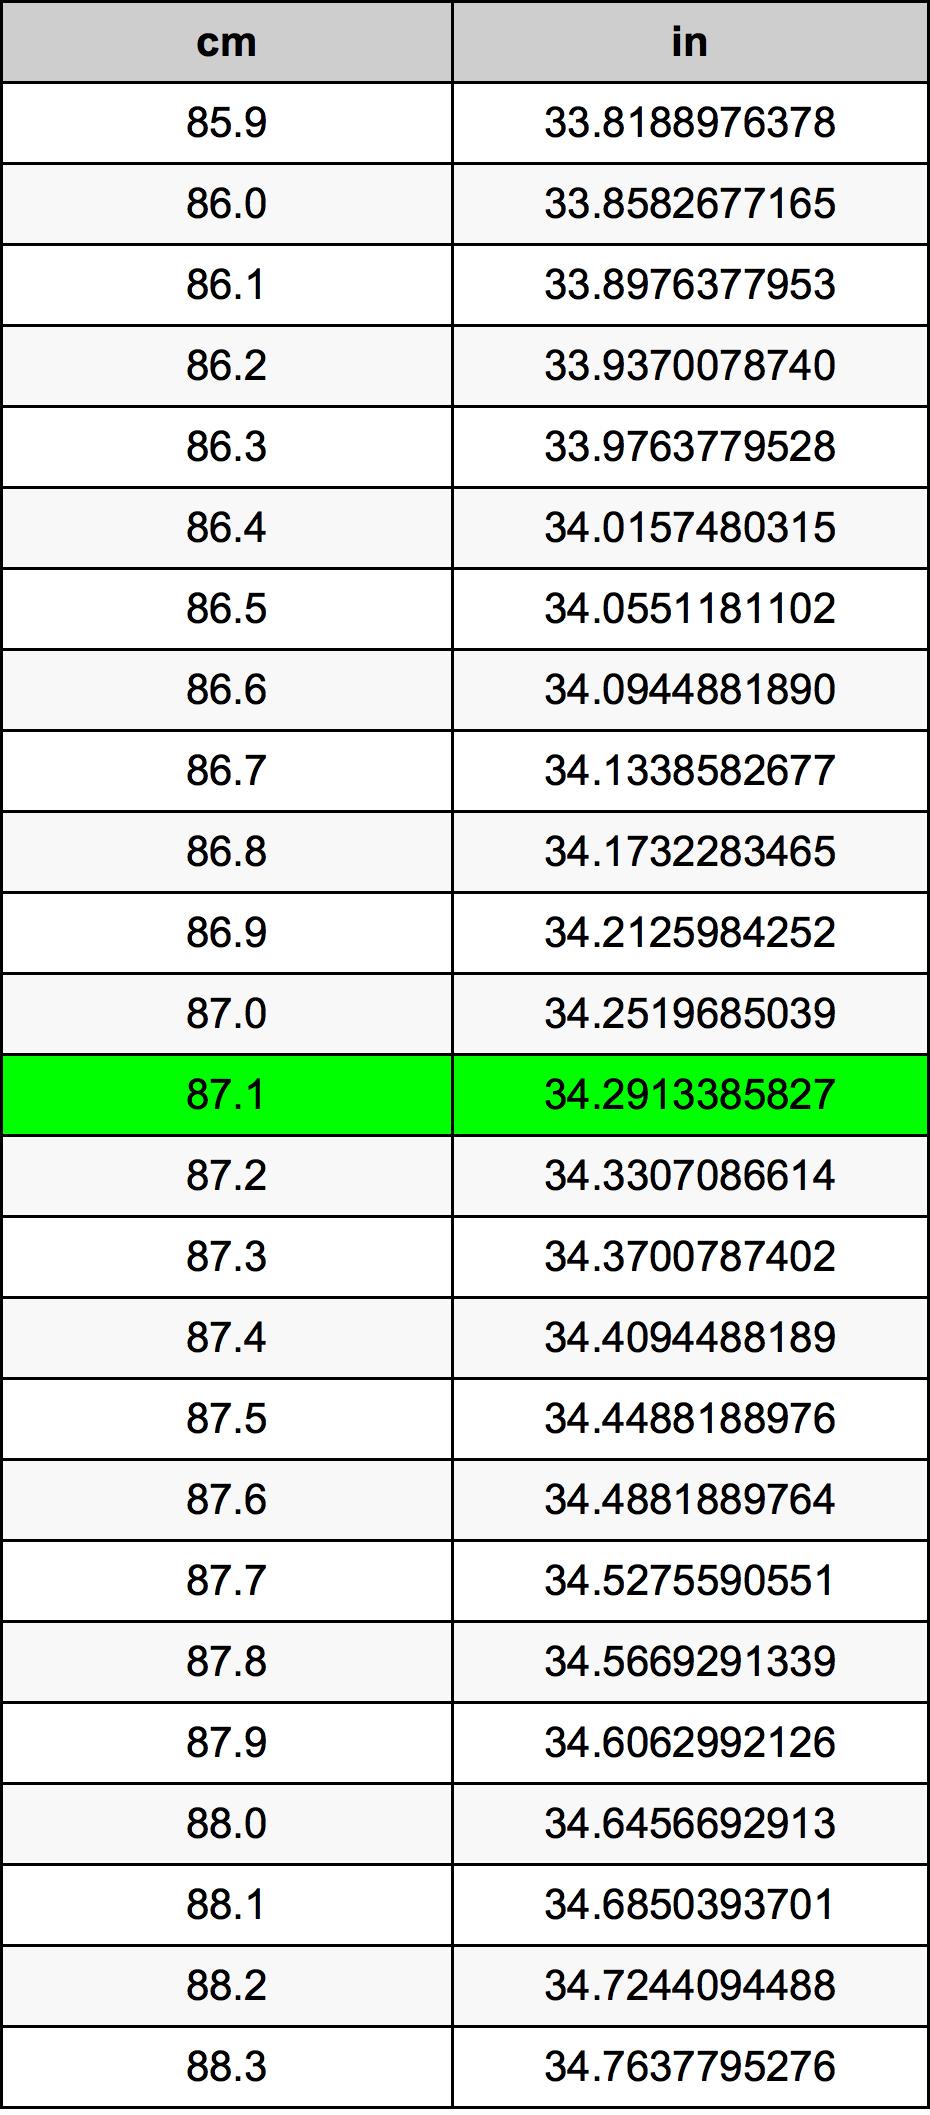 87.1 厘米换算表